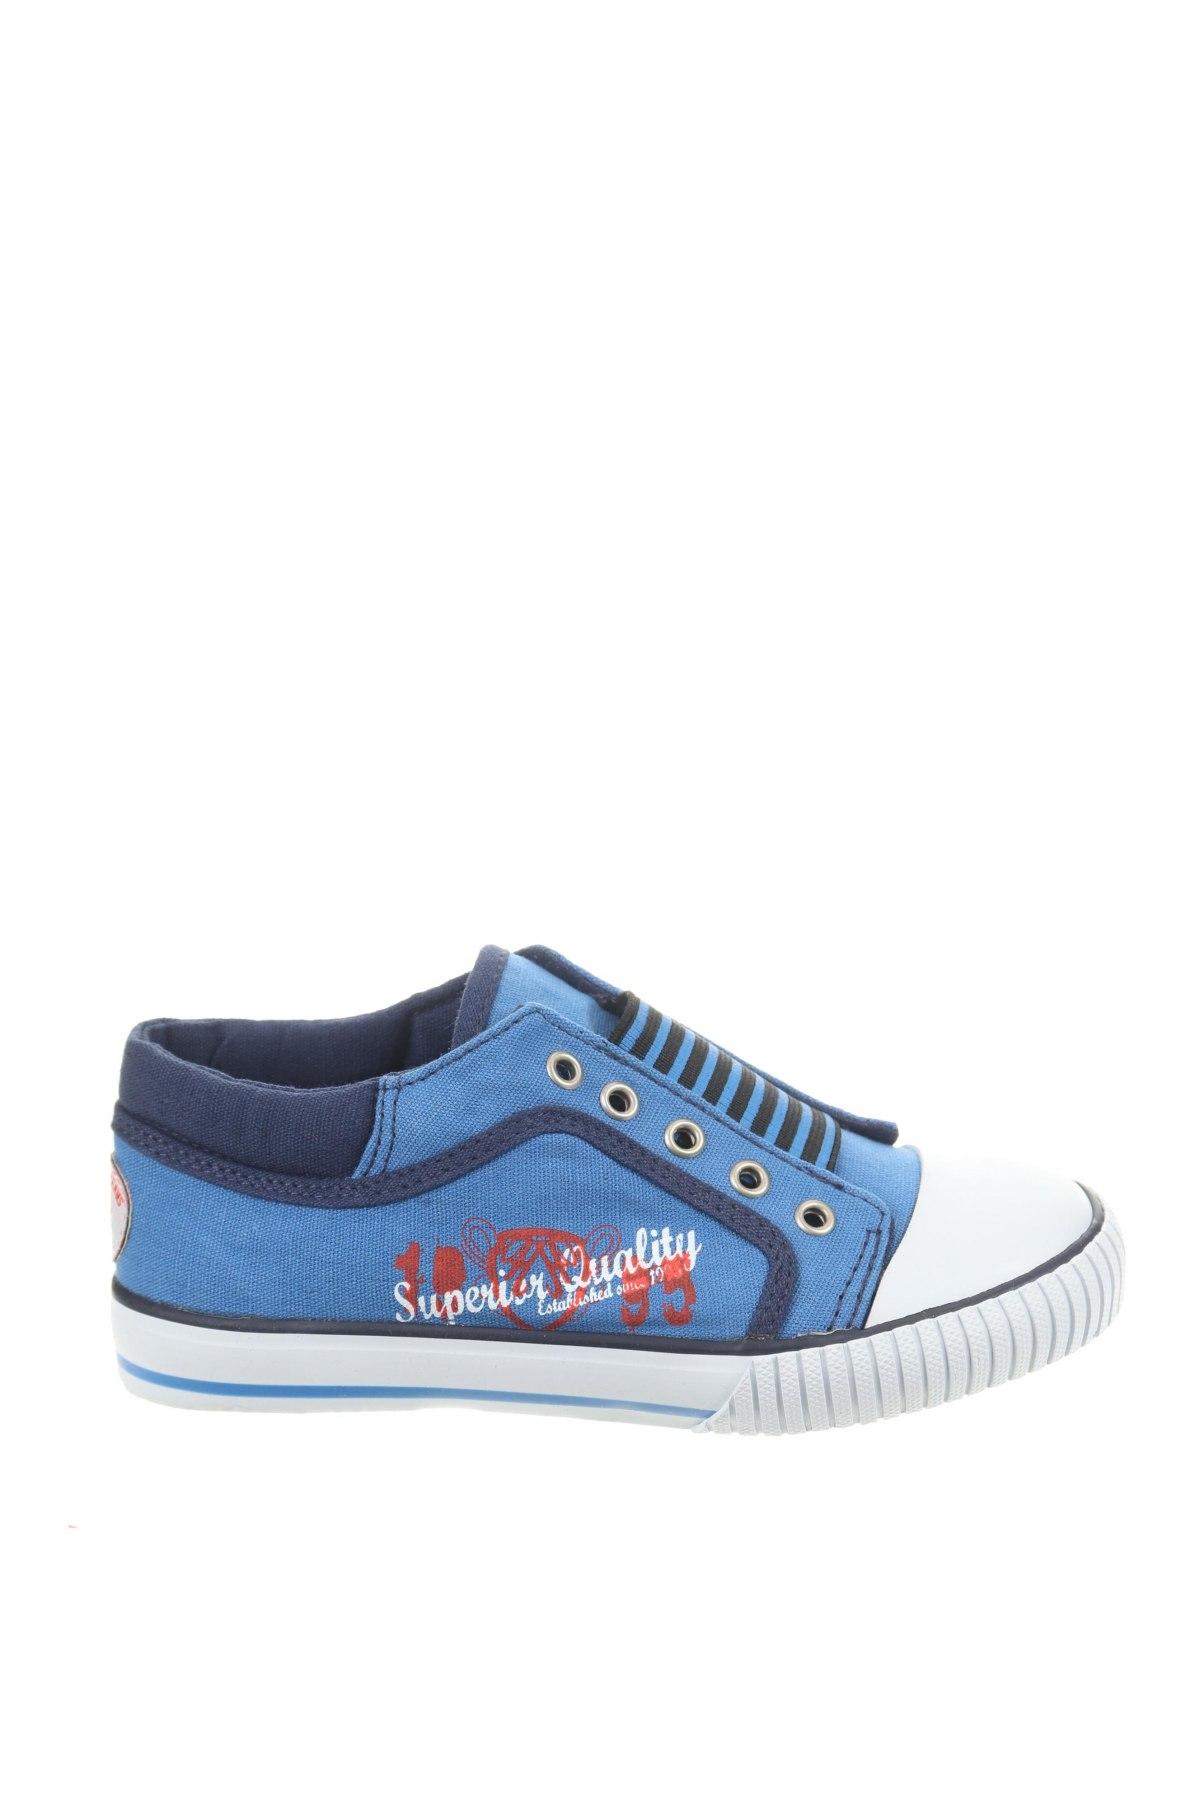 Παιδικά παπούτσια Saxo Blues, Μέγεθος 29, Χρώμα Μπλέ, Κλωστοϋφαντουργικά προϊόντα, Τιμή 8,84€